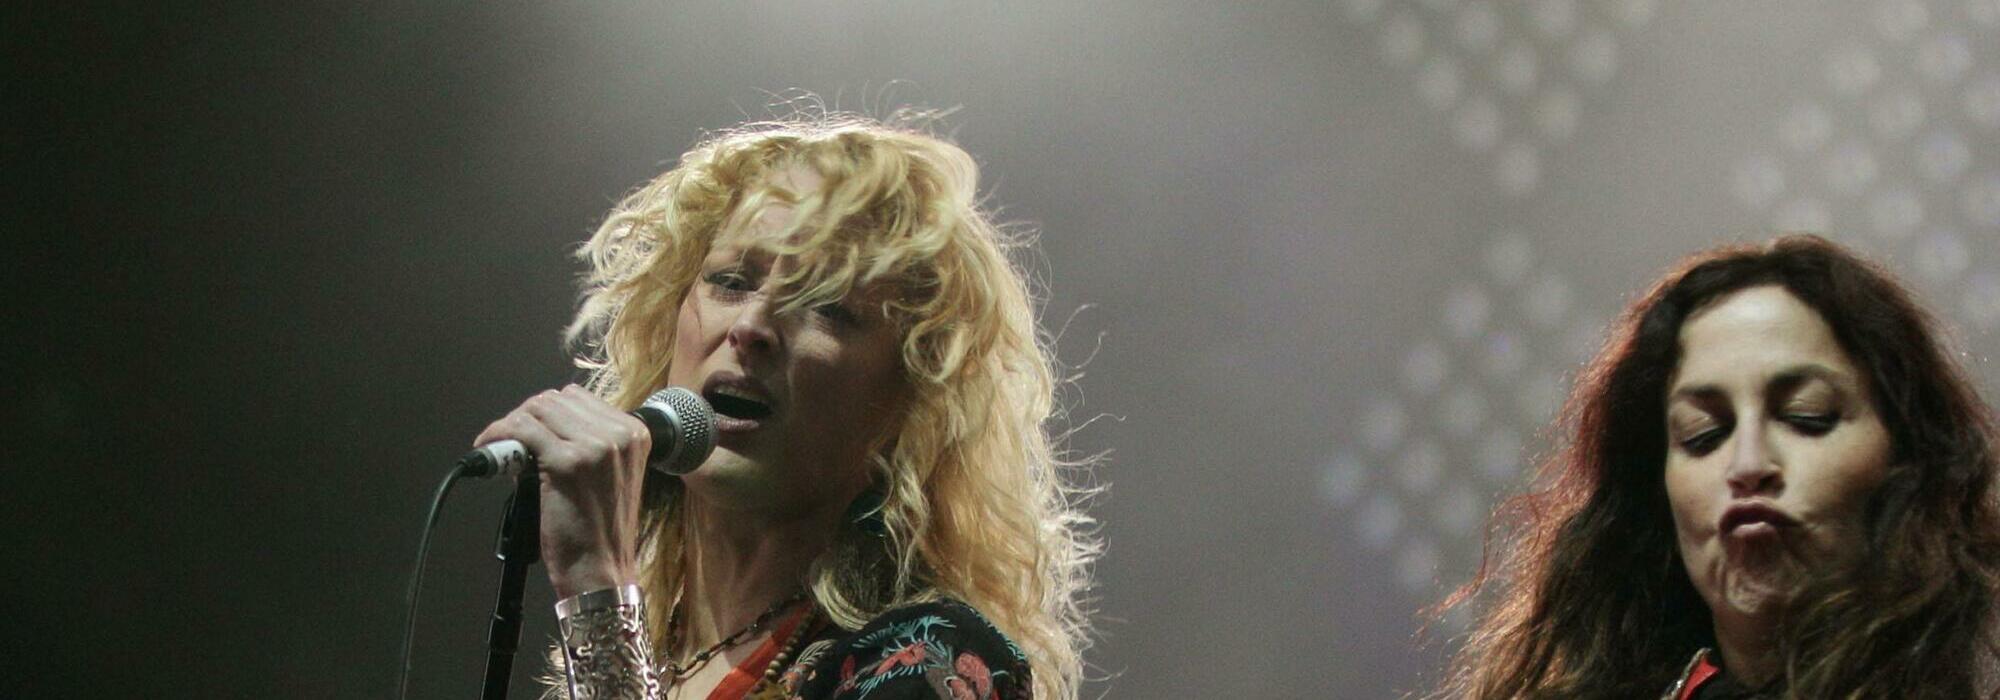 A Lez Zeppelin (Led Zeppelin Tribute) live event